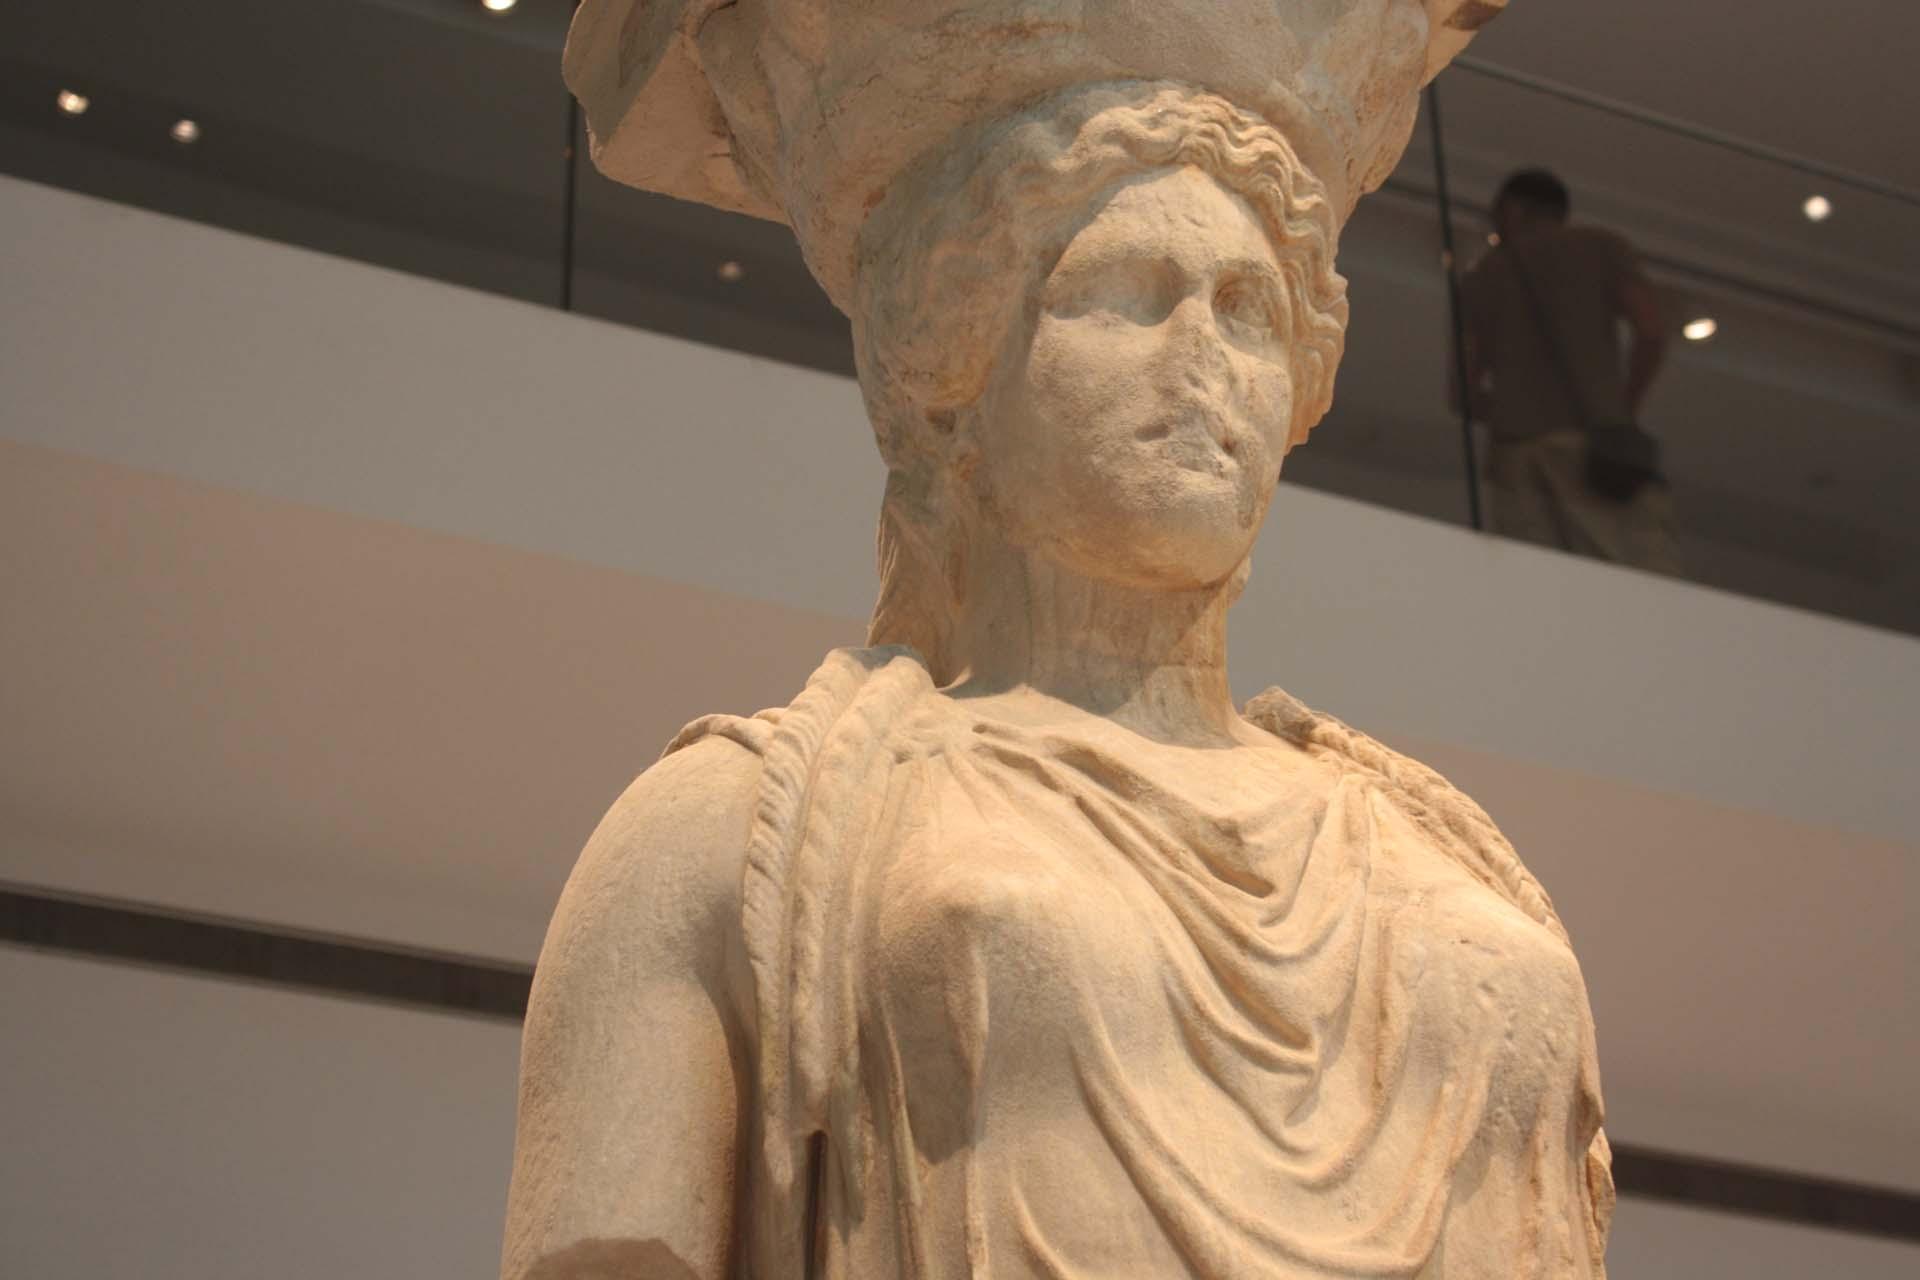 Tête d'une Cariatide dans le musée de l'Acropole à Athènes